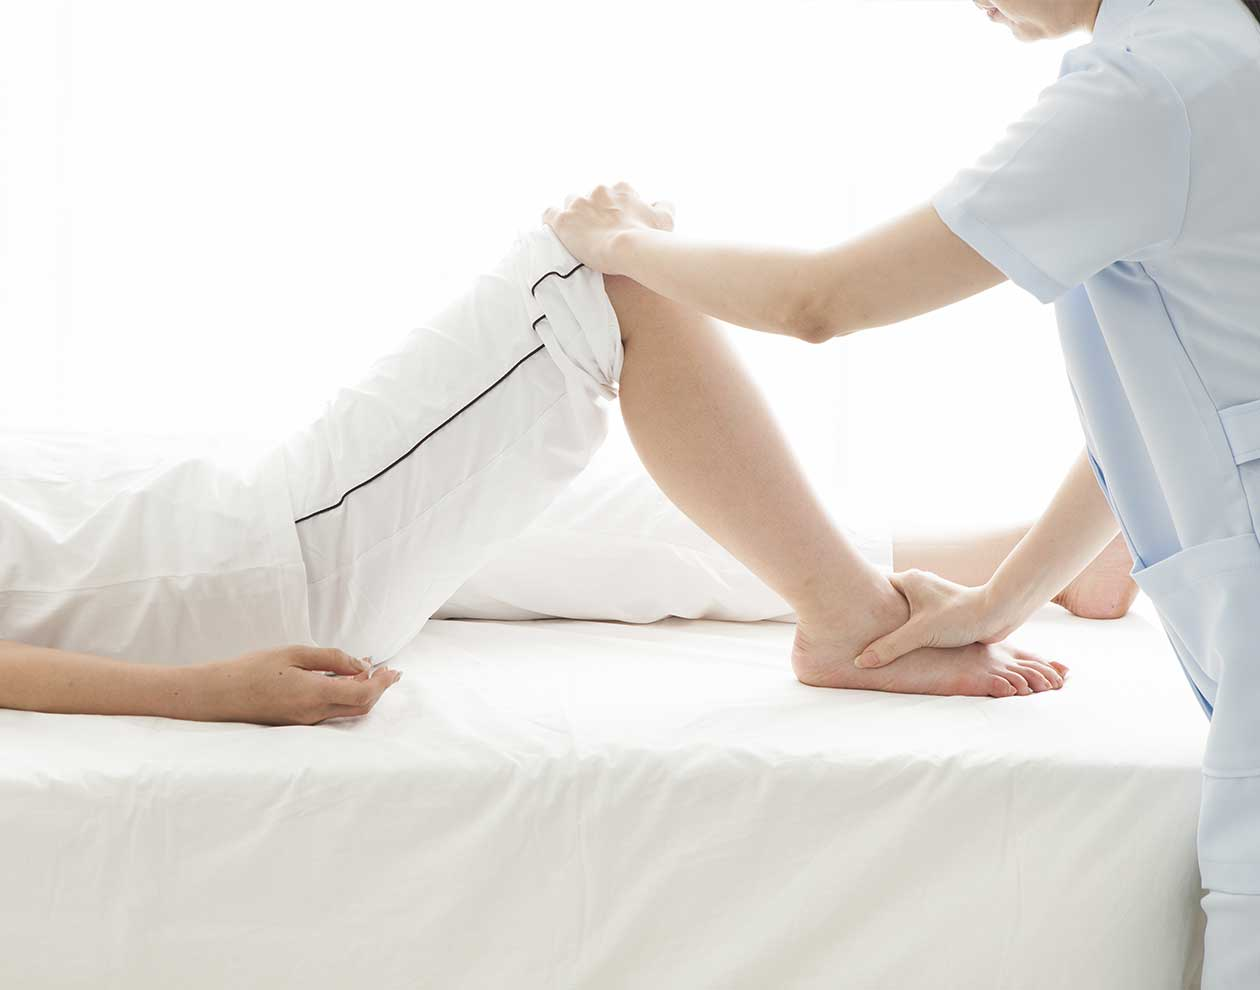 足の診察をする整形外科医